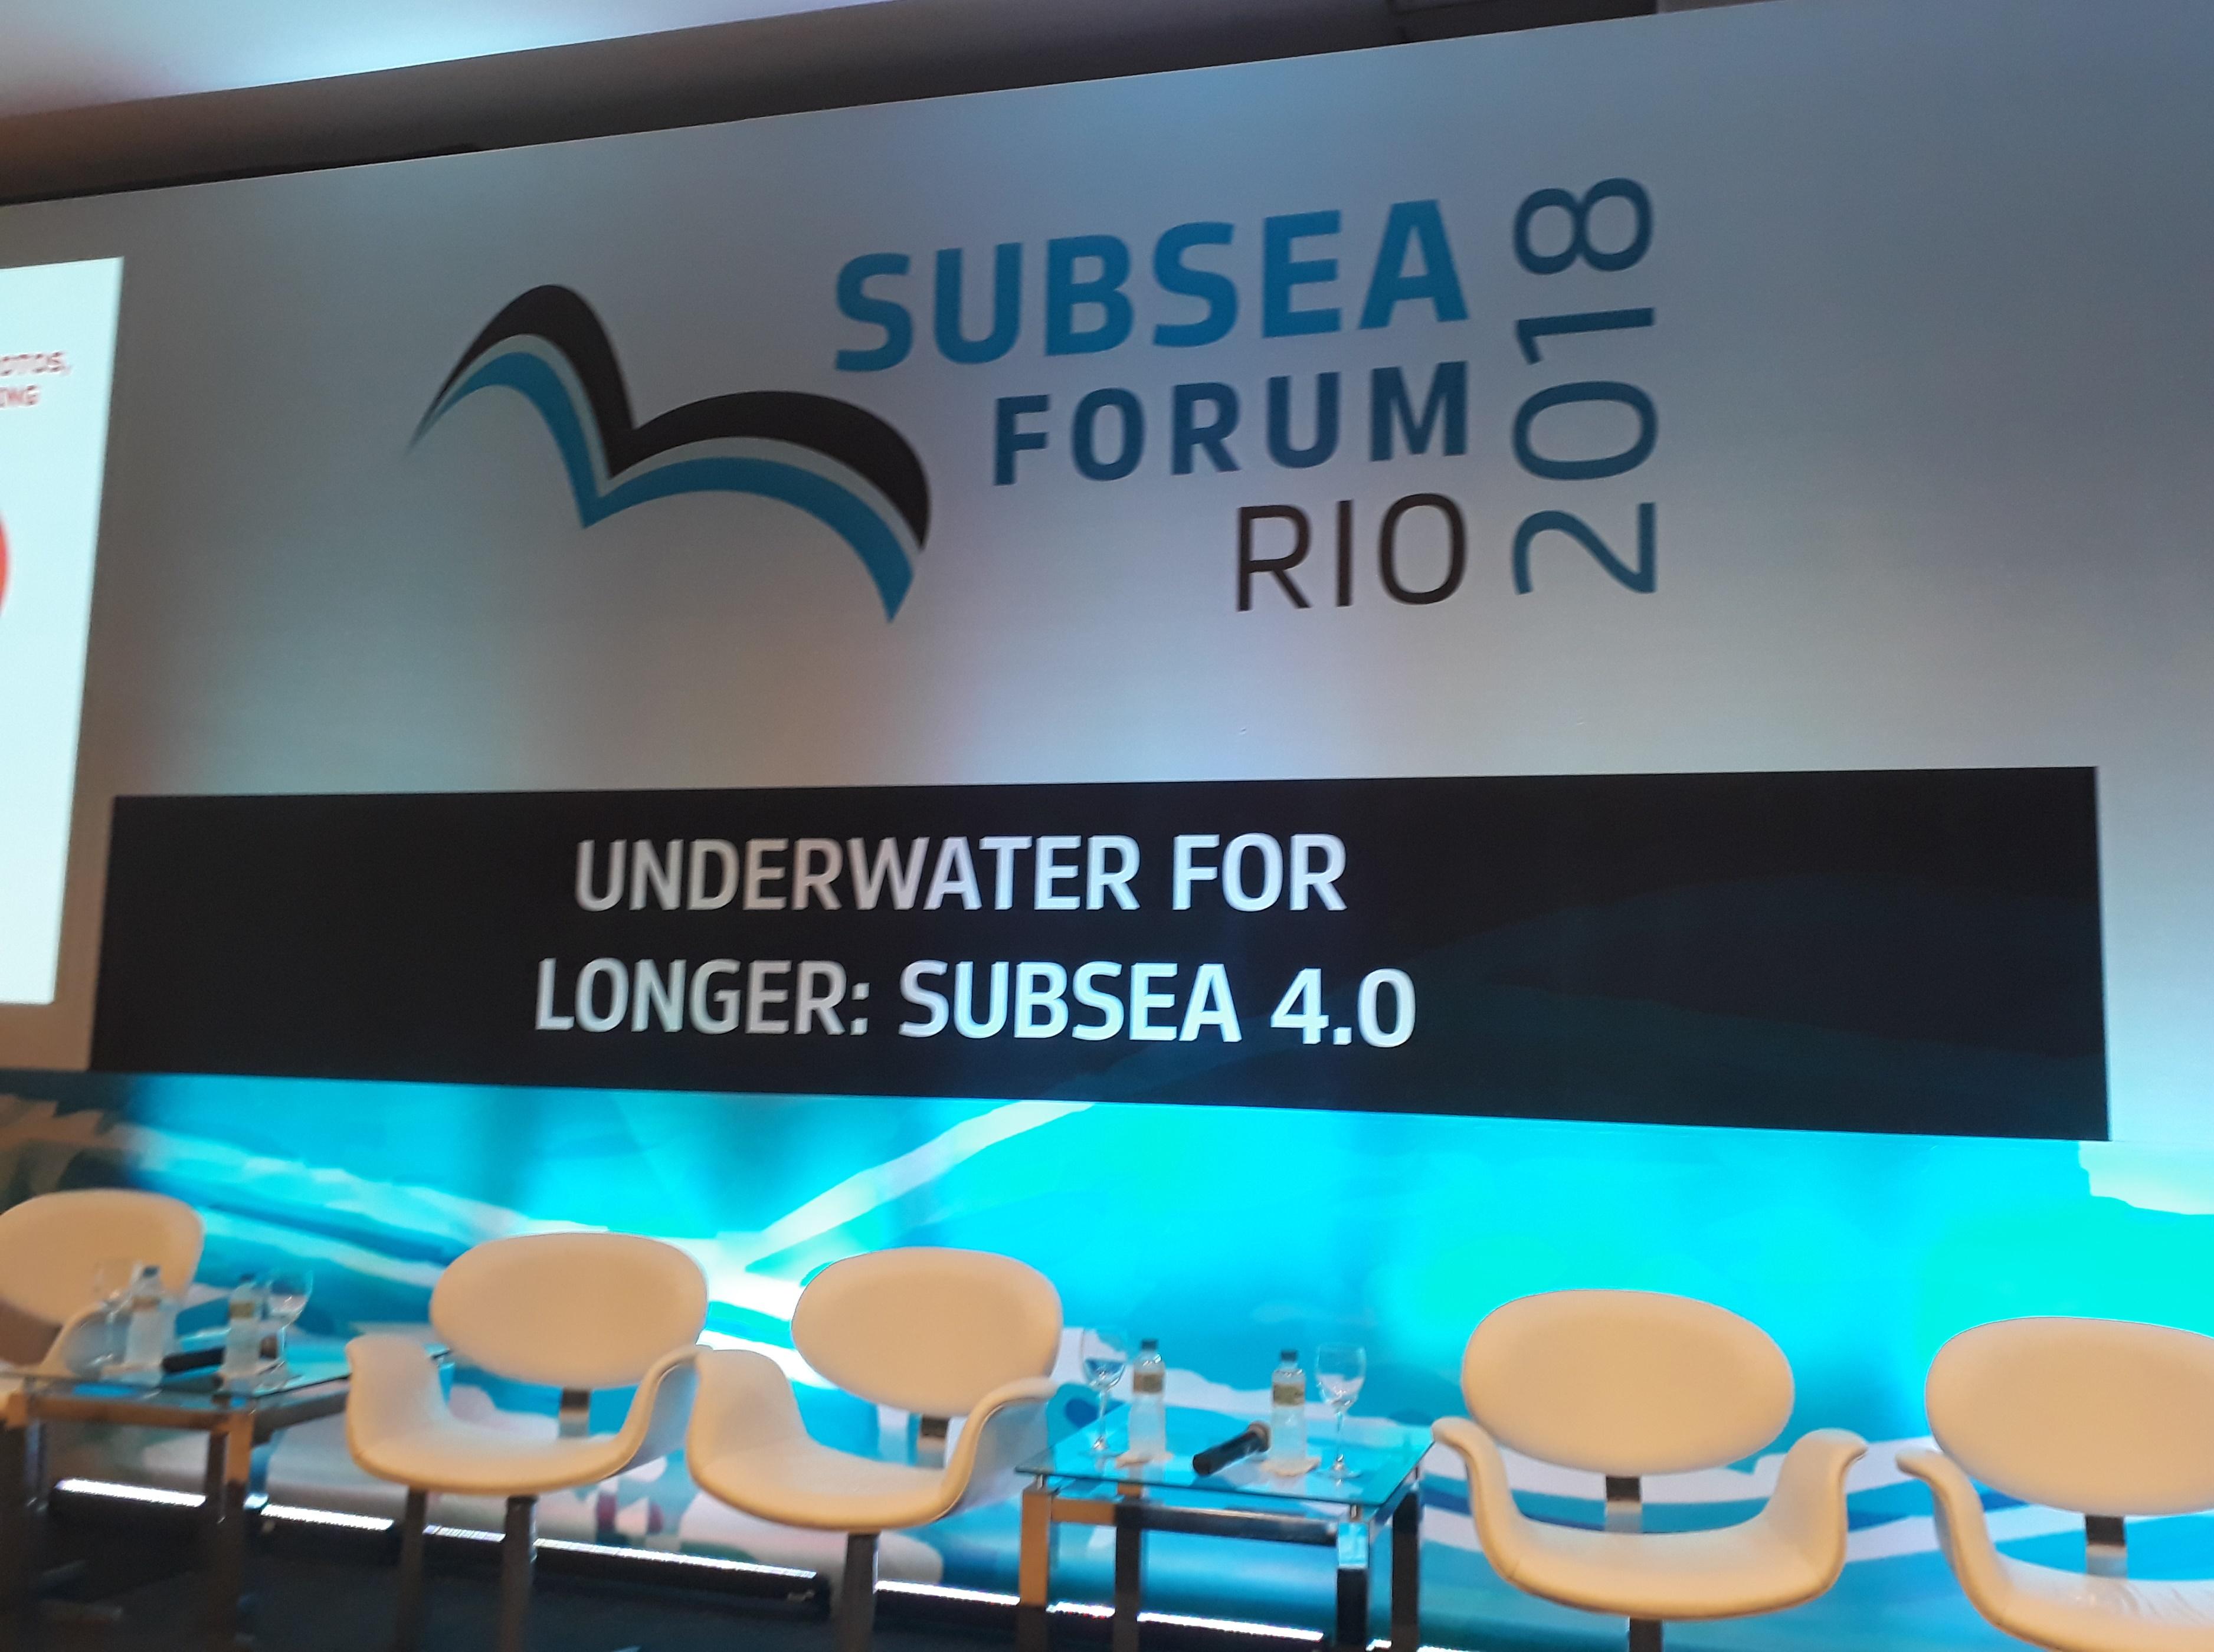 Subsea Forum Rio 2018